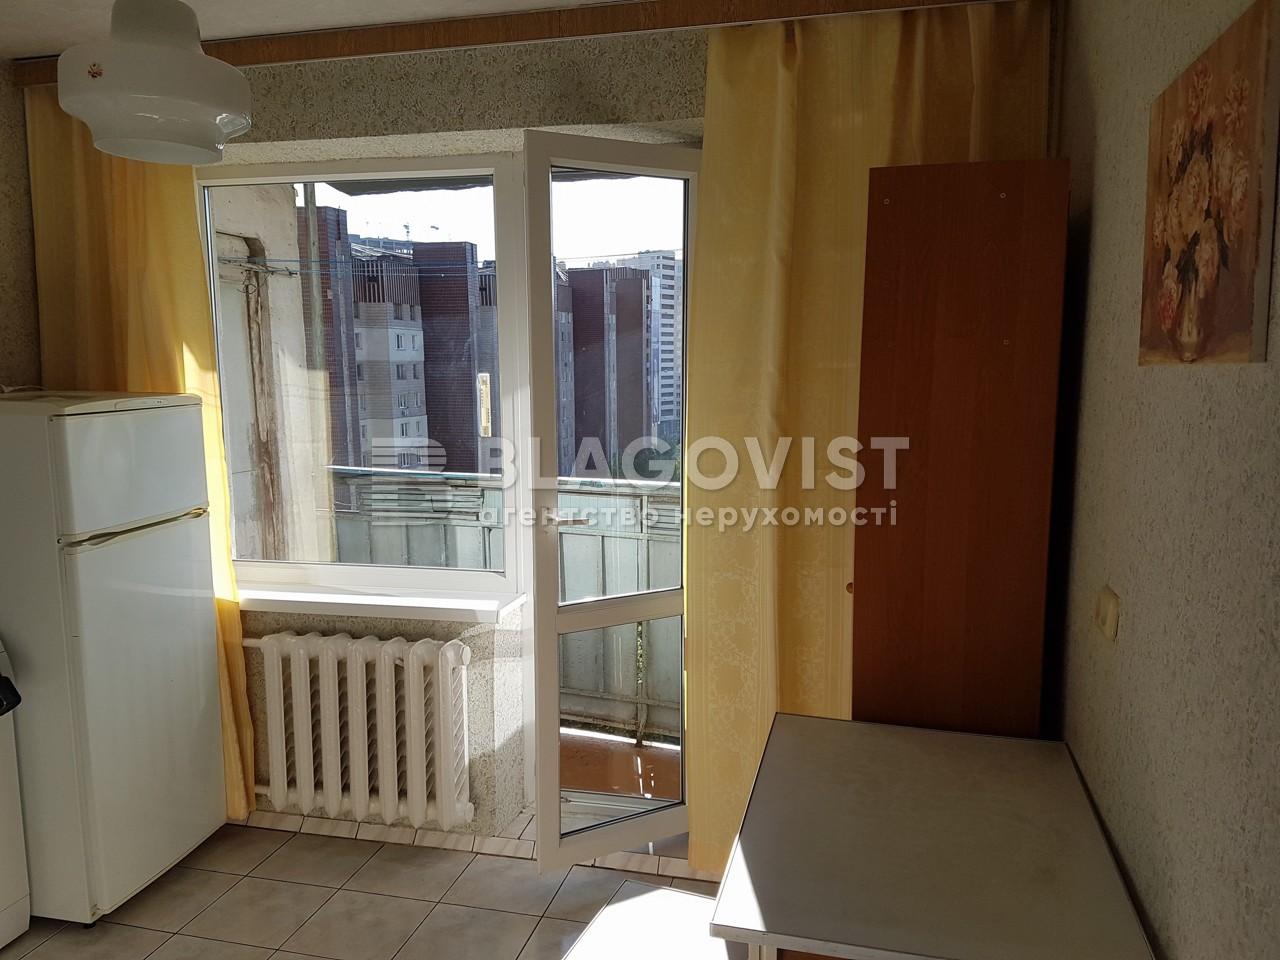 Квартира R-18283, Голосеевский проспект (40-летия Октября просп.), 11, Киев - Фото 4